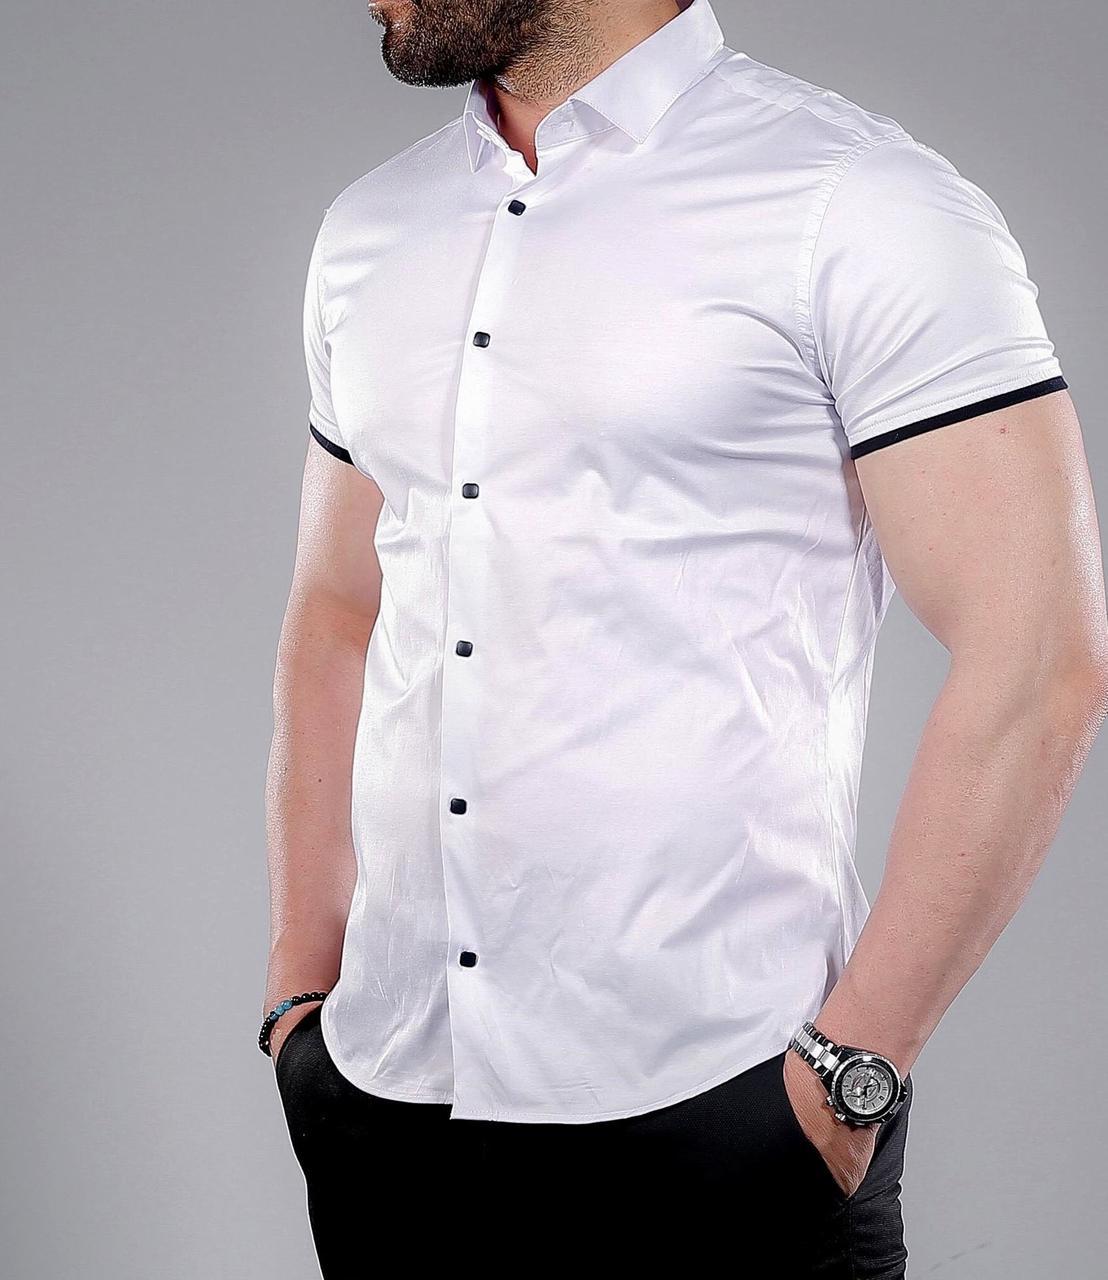 Купить рубашку с коротким рукавом мужскую